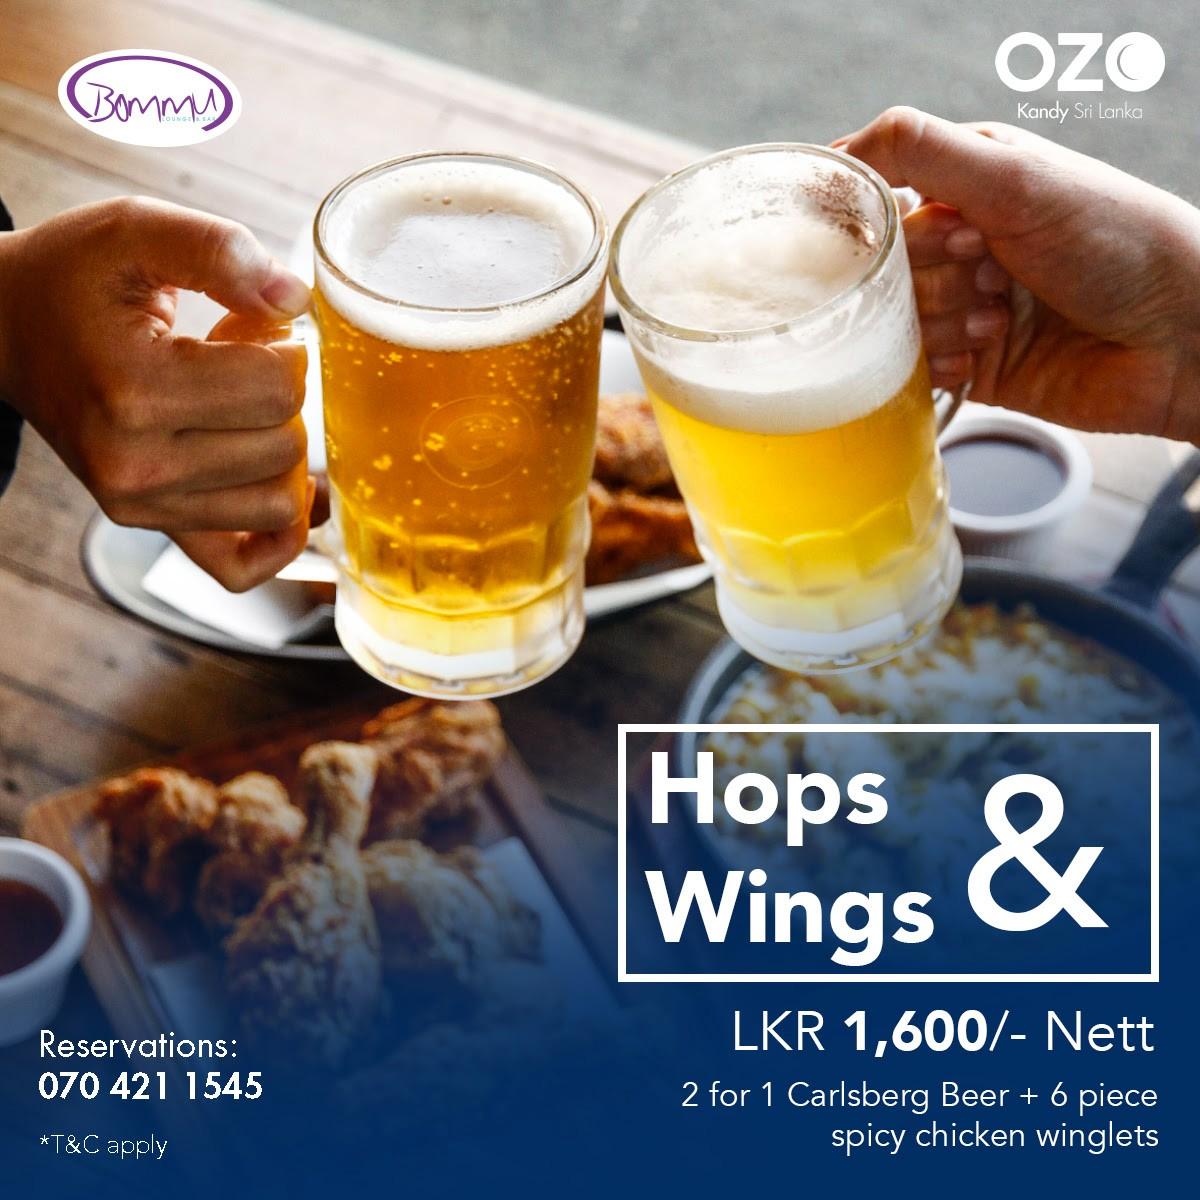 Hops & Wings @ Bommu Lounge & Bar OZO Kandy